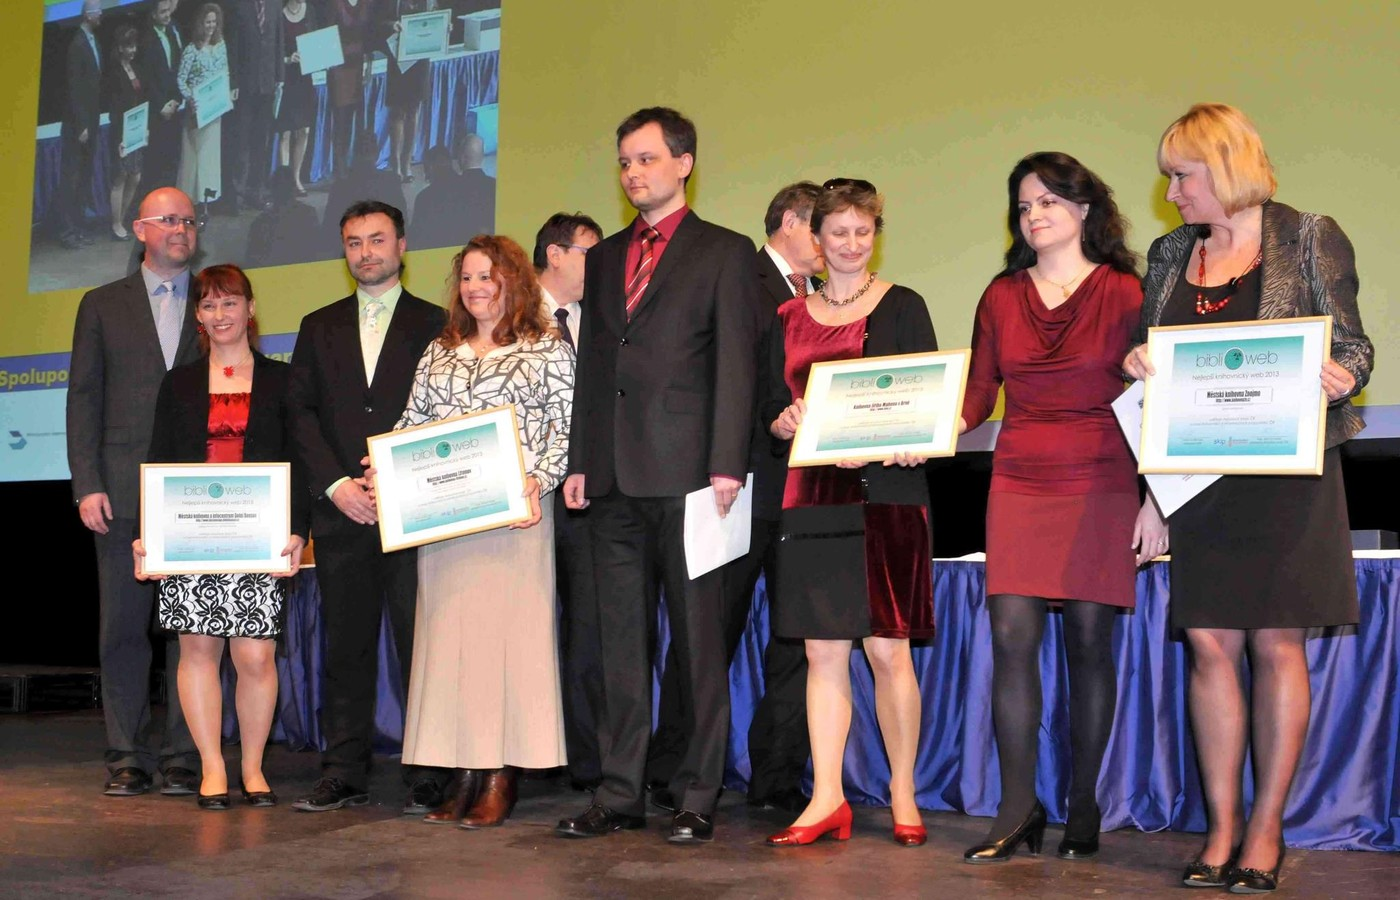 Společná fotografie vítězů soutěže BIBLIOWEB 2013 na konferenci ISSS